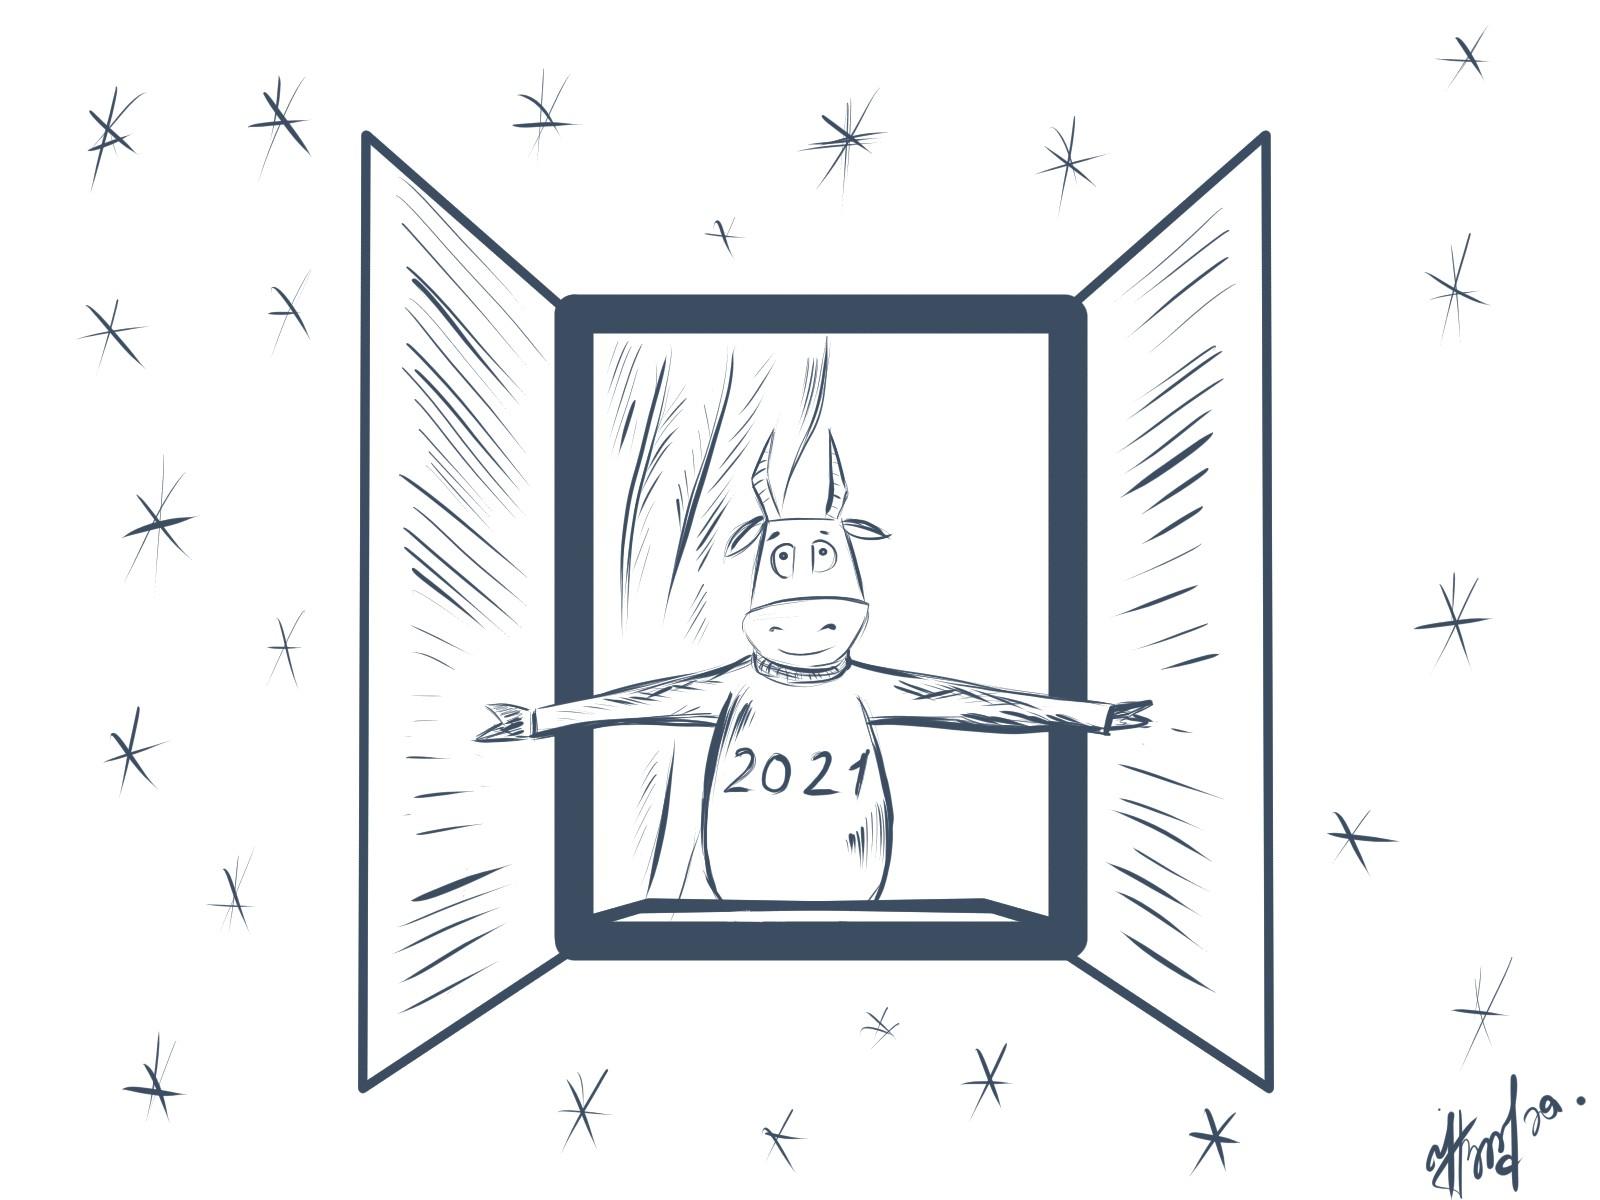 Создать рисунки быков, символа 2021 года, для реализации в м фото f_4755f049e0b069a9.jpg